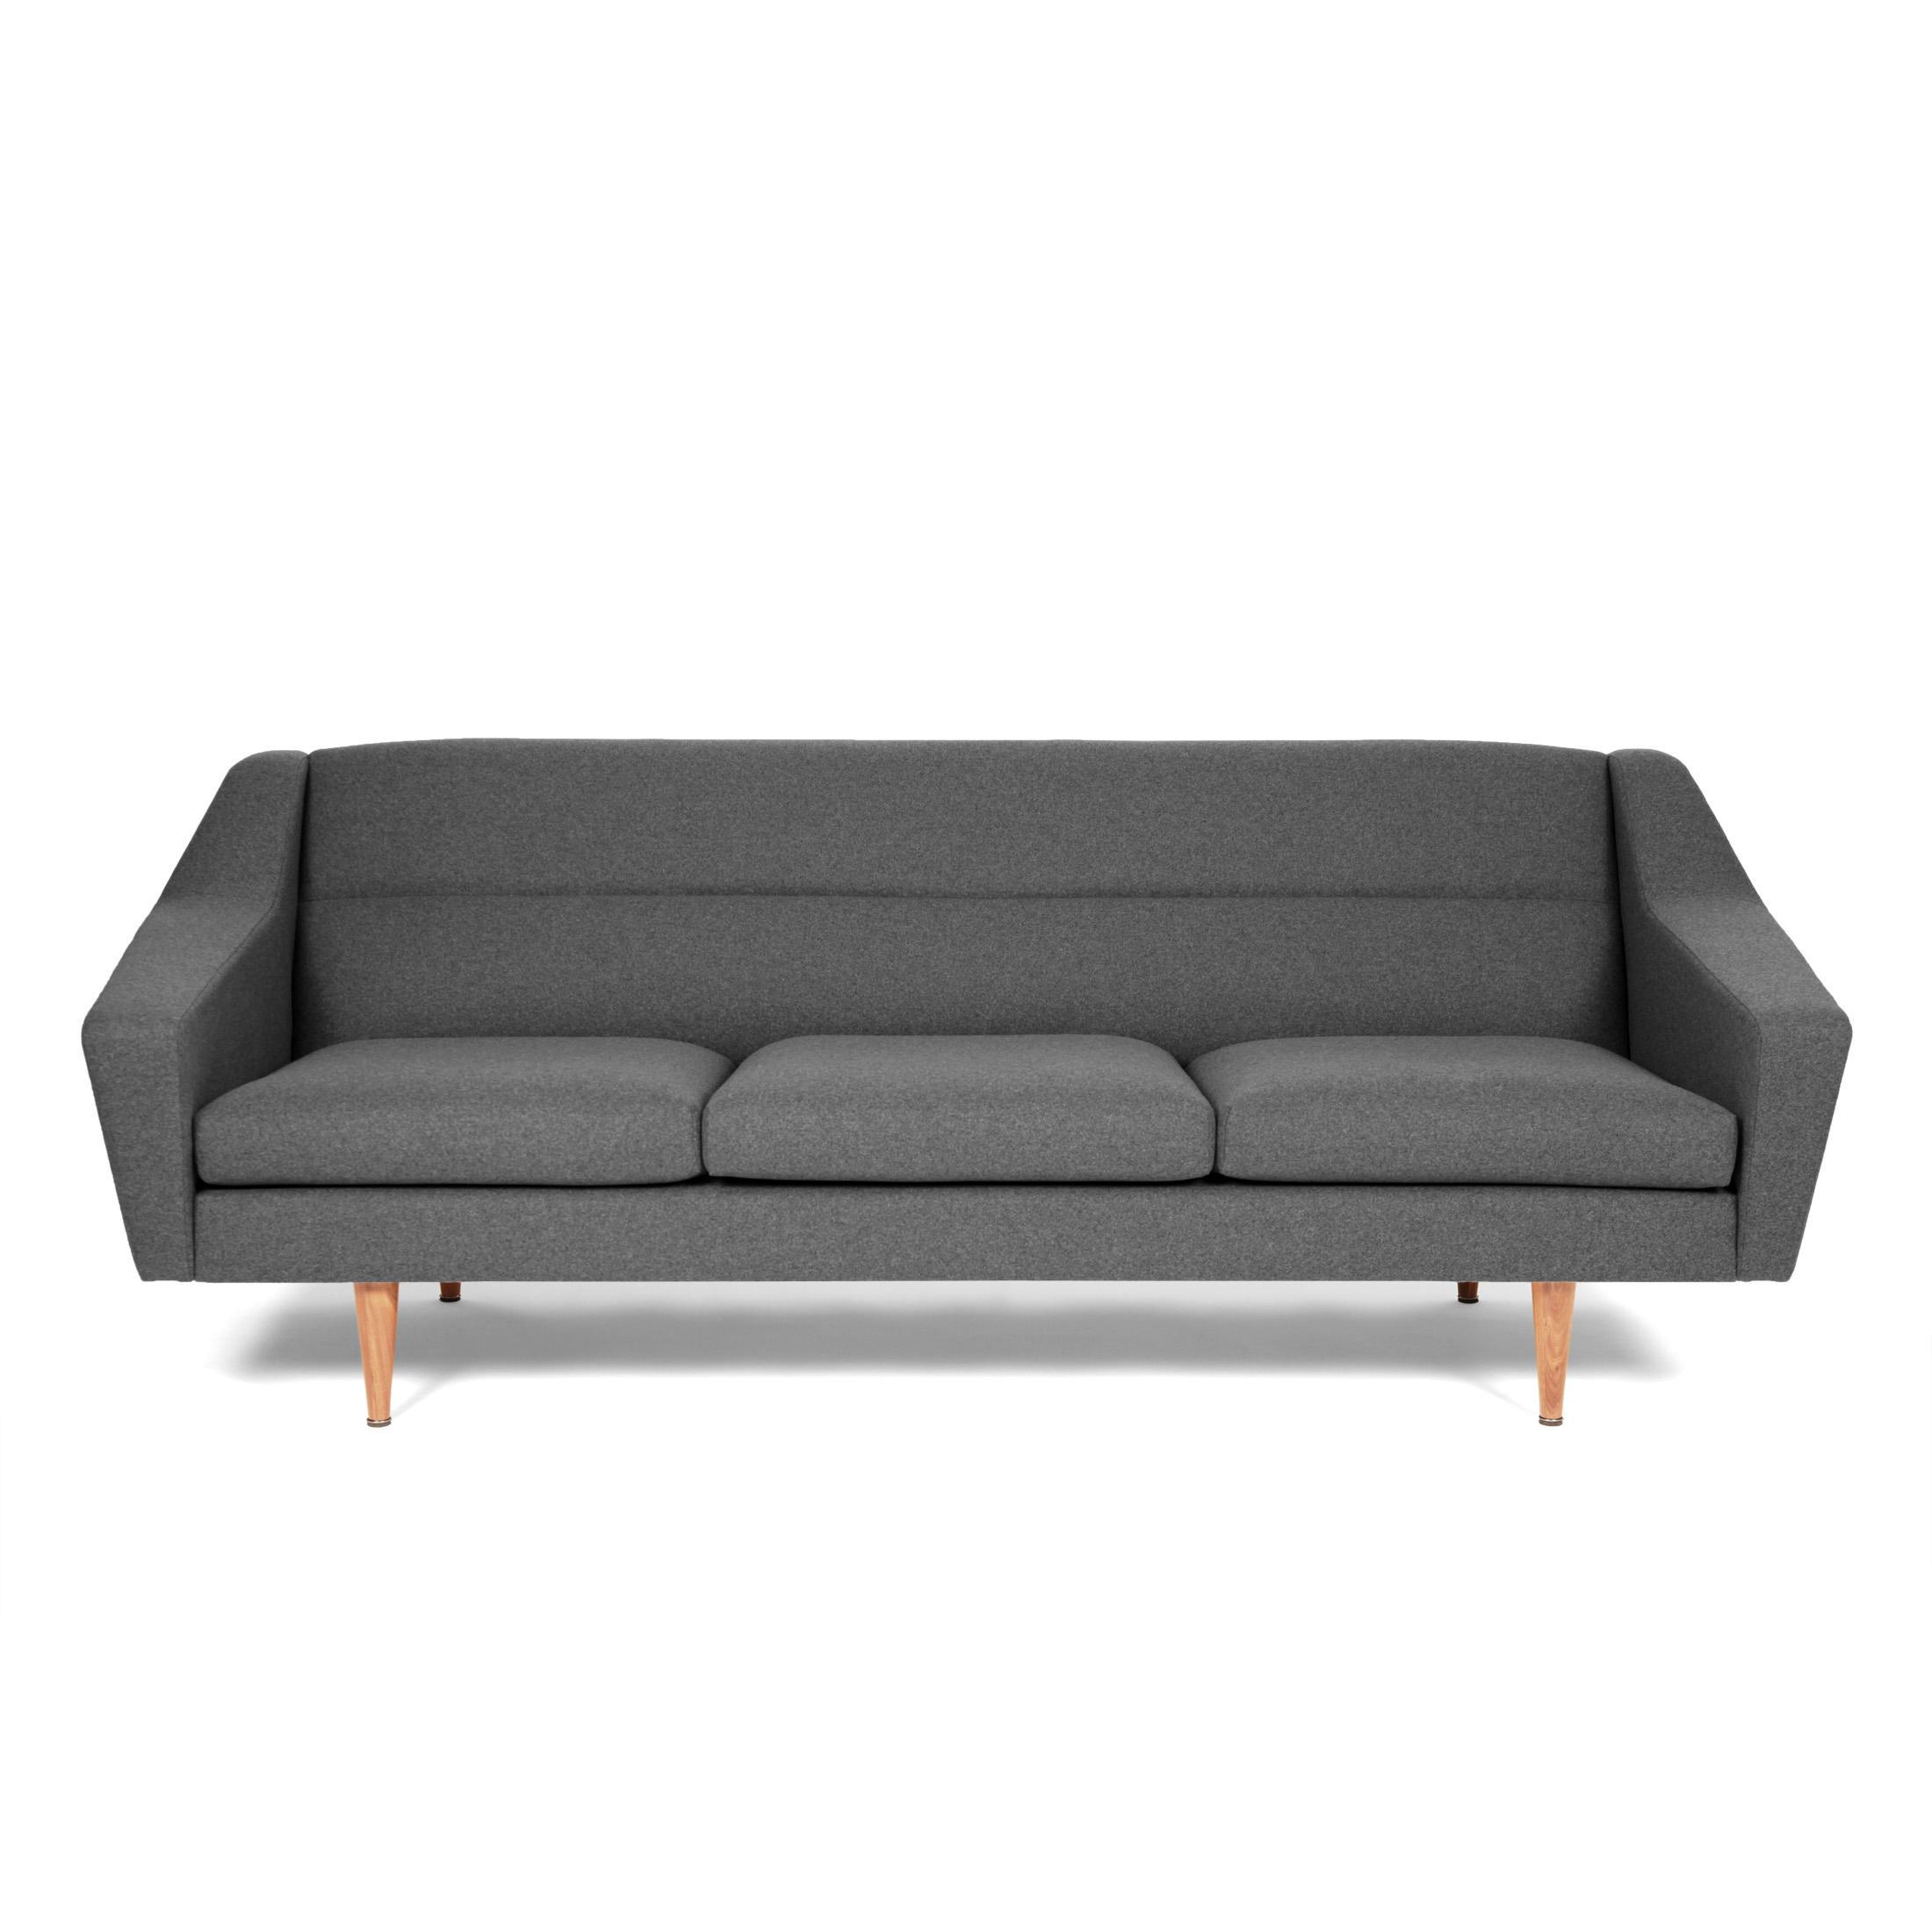 3-Sitzer Sofa im Retro-Look